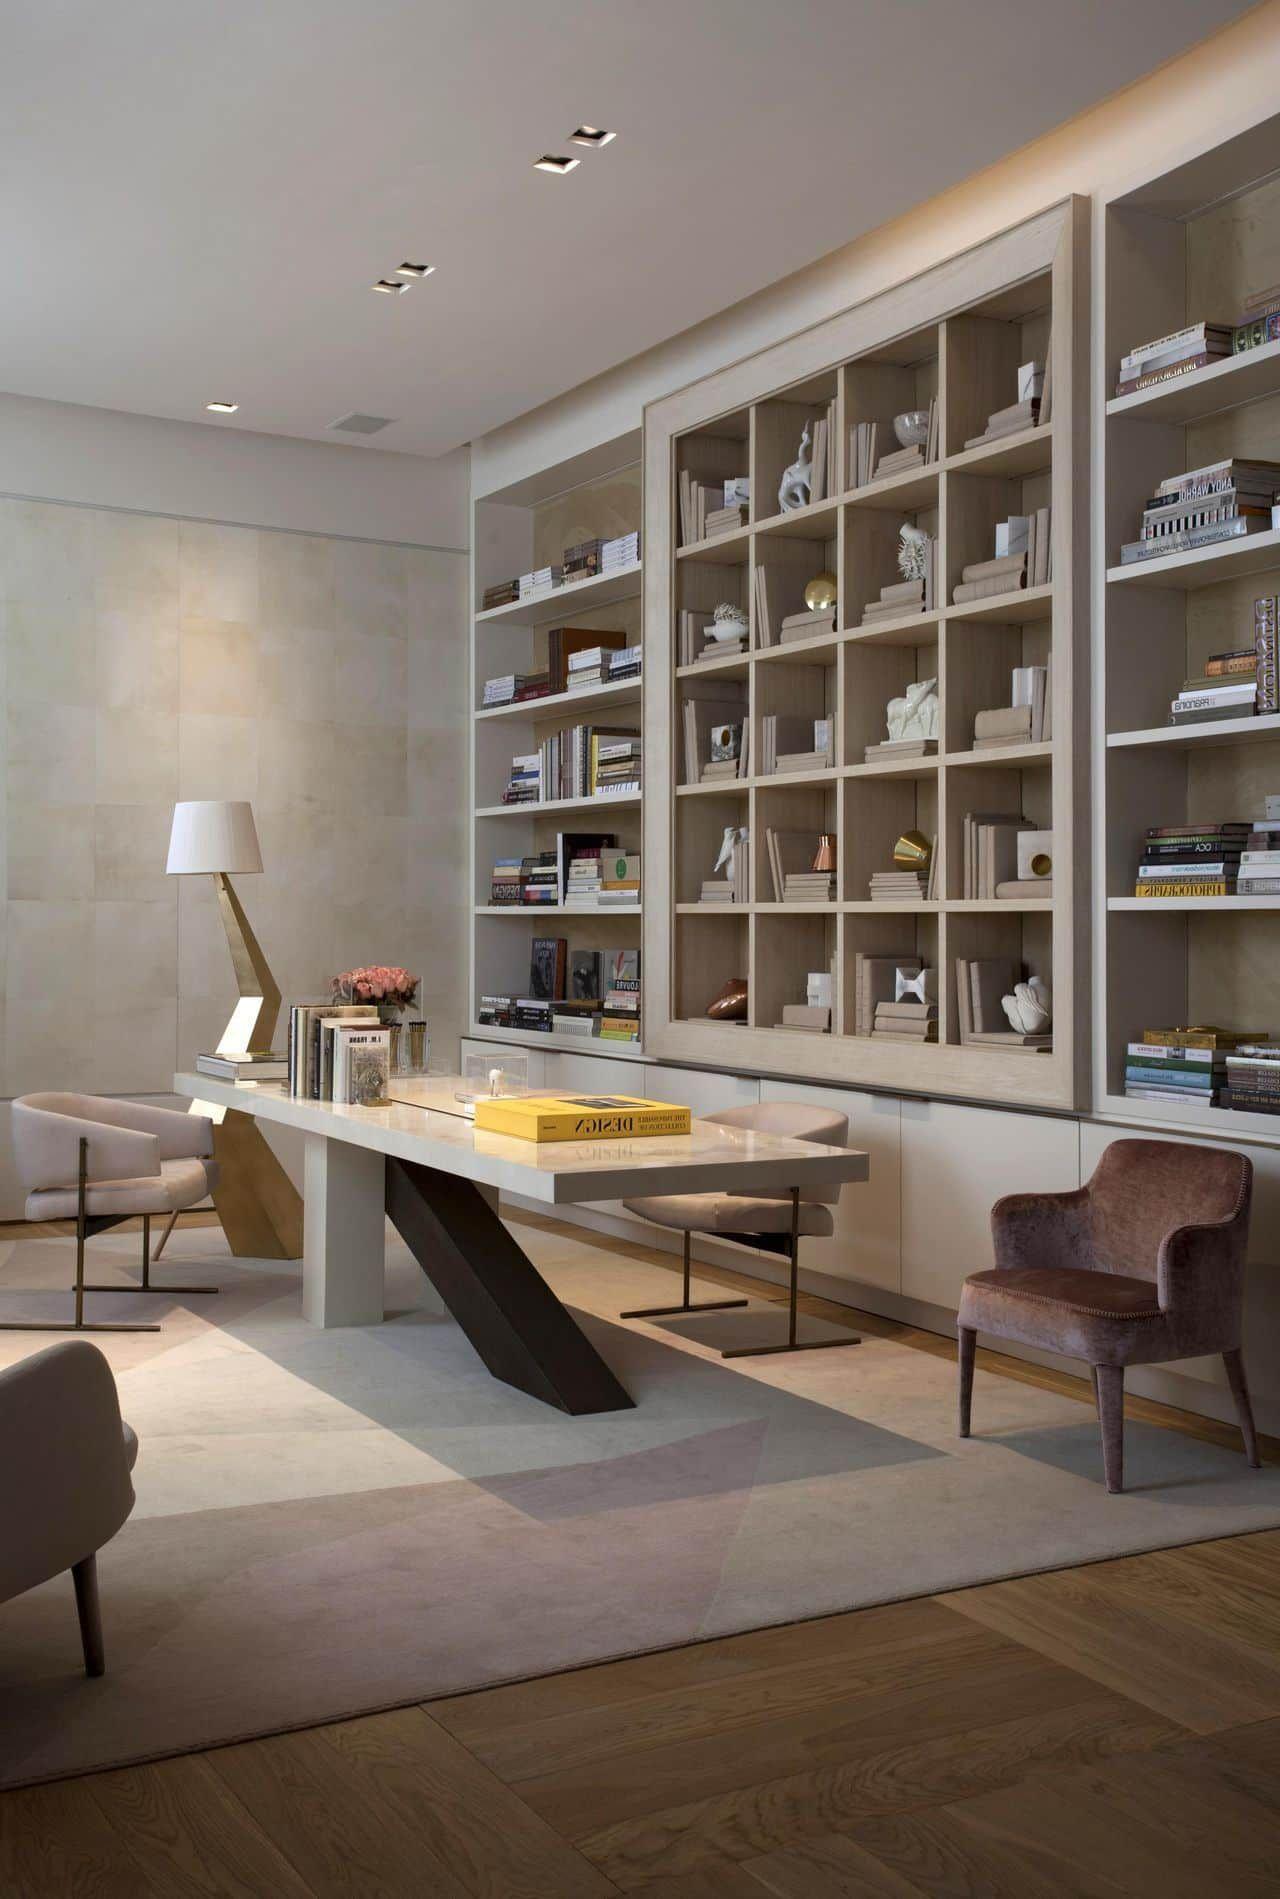 Дизайн кабинета в доме и квартире | Дом, Дизайн, Квартира